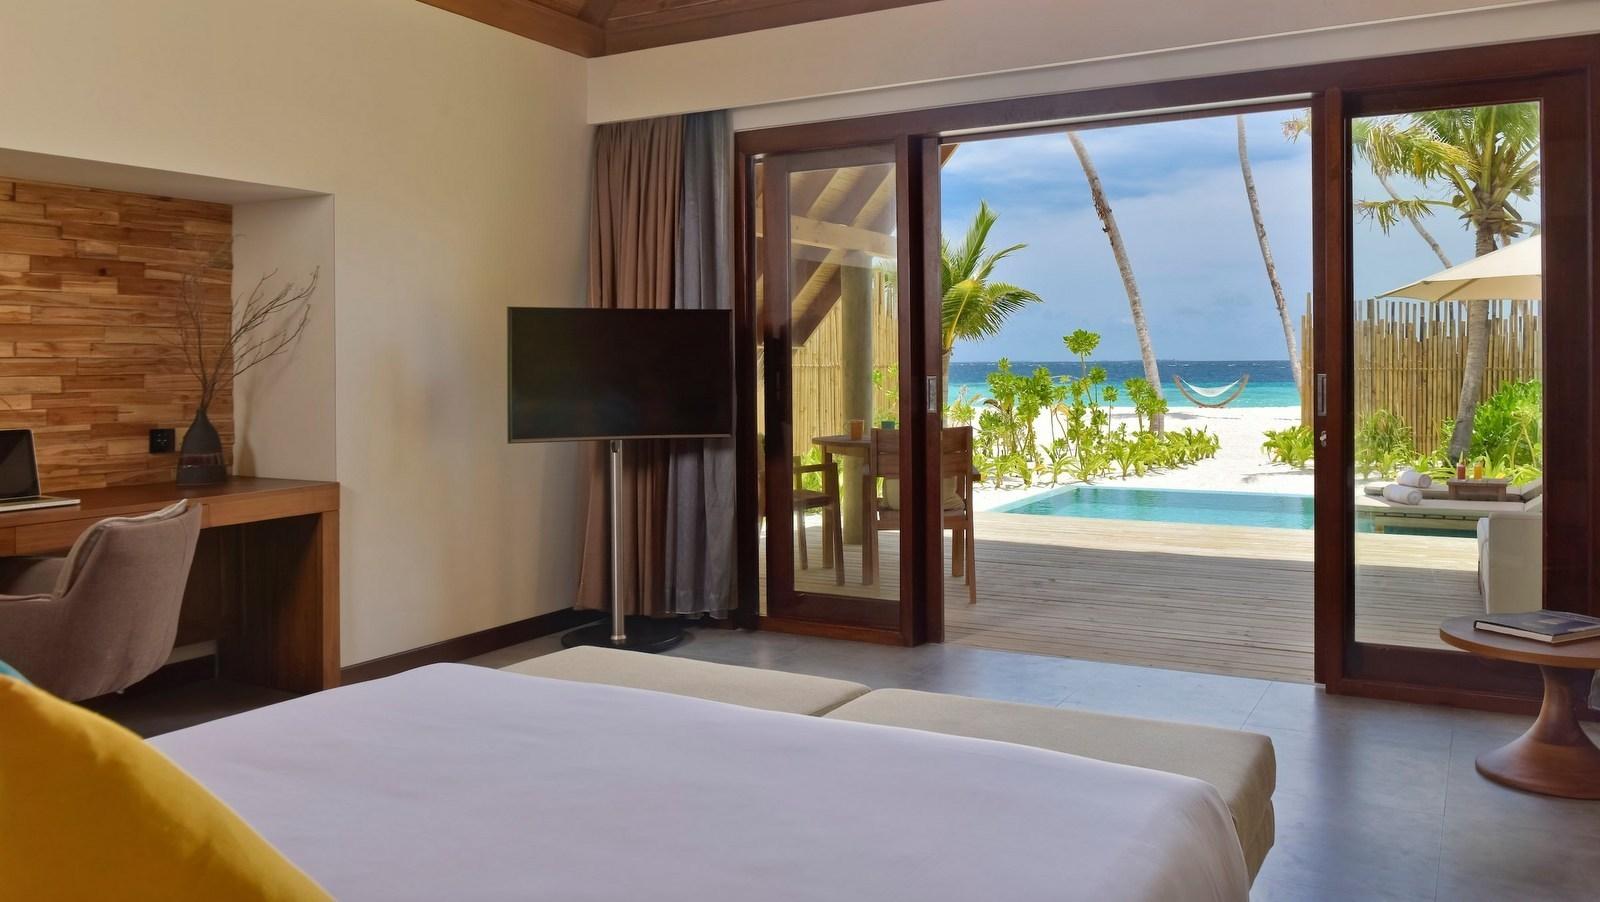 Мальдивы, отель Fushifaru Maldives, номер Pool Beach Villa